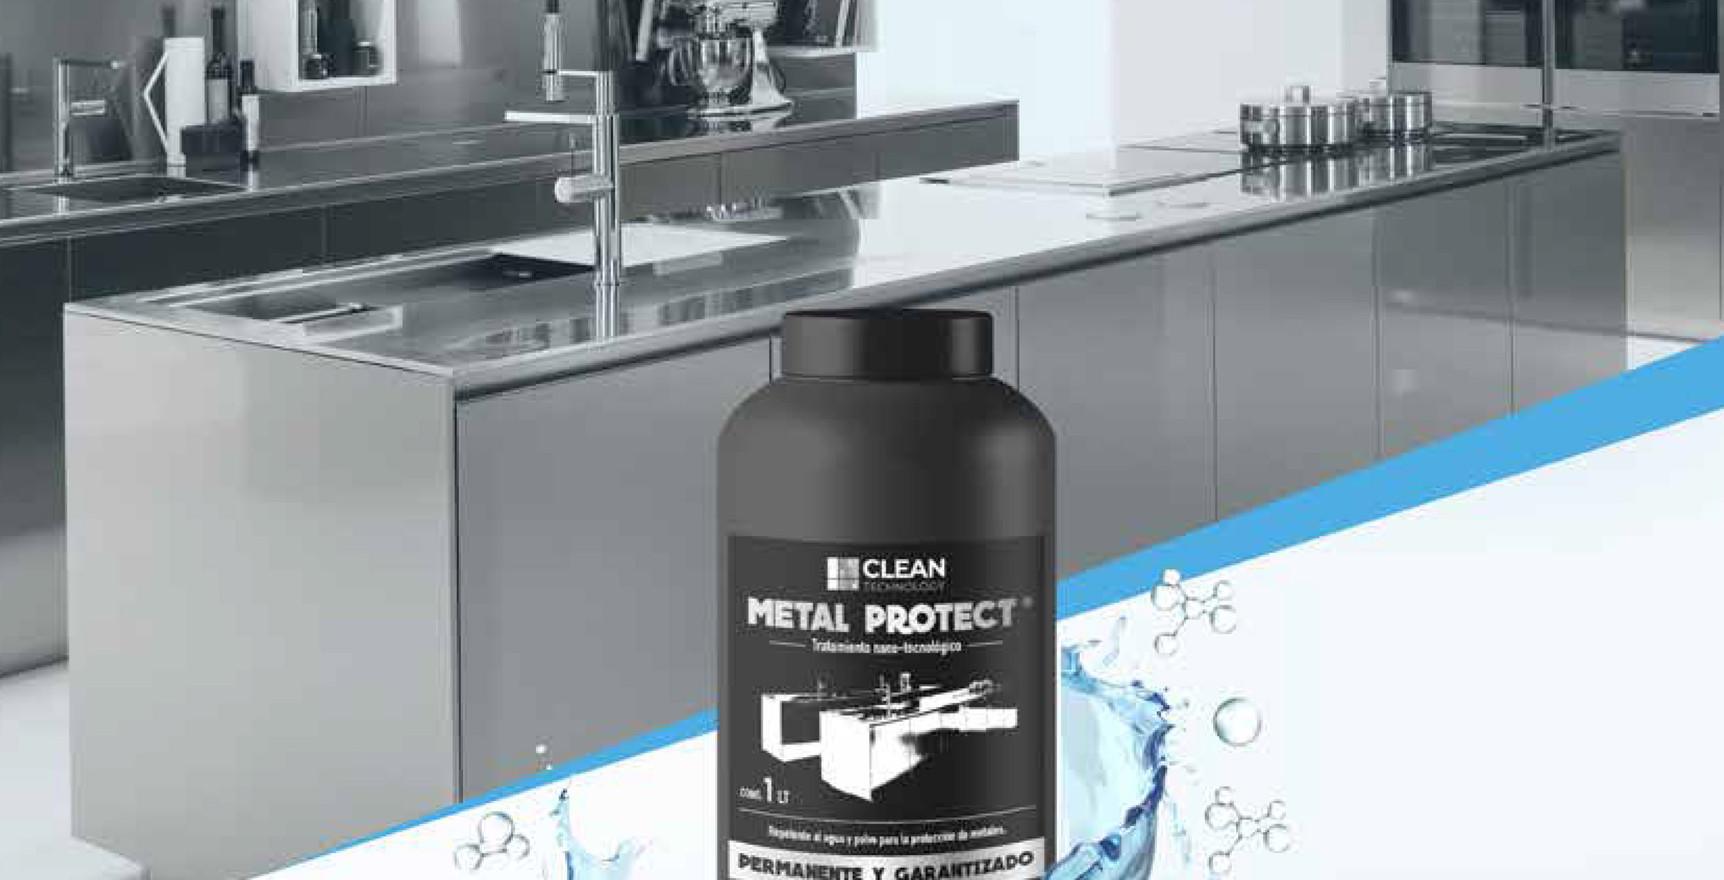 pres metal protect en-1.jpg